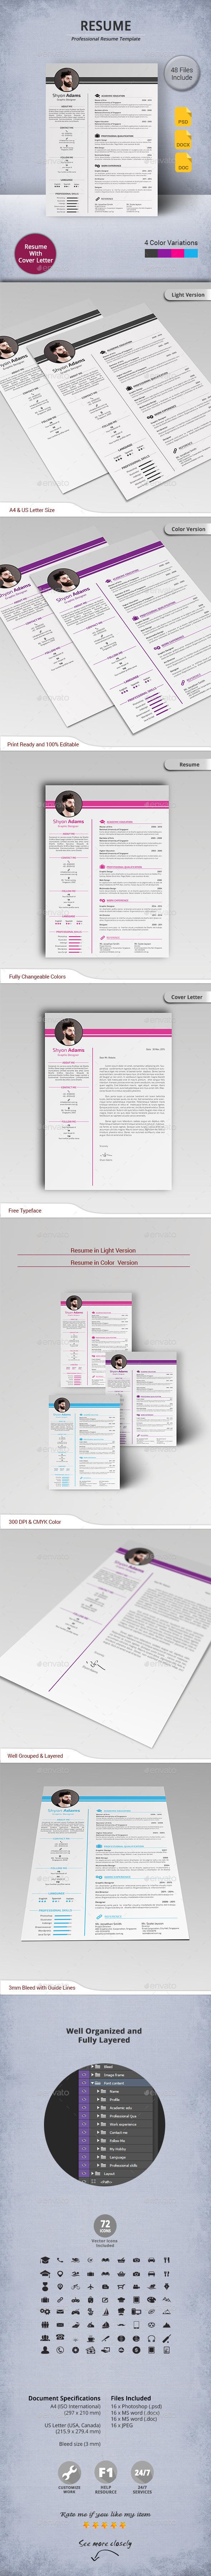 GraphicRiver Resume 11205856